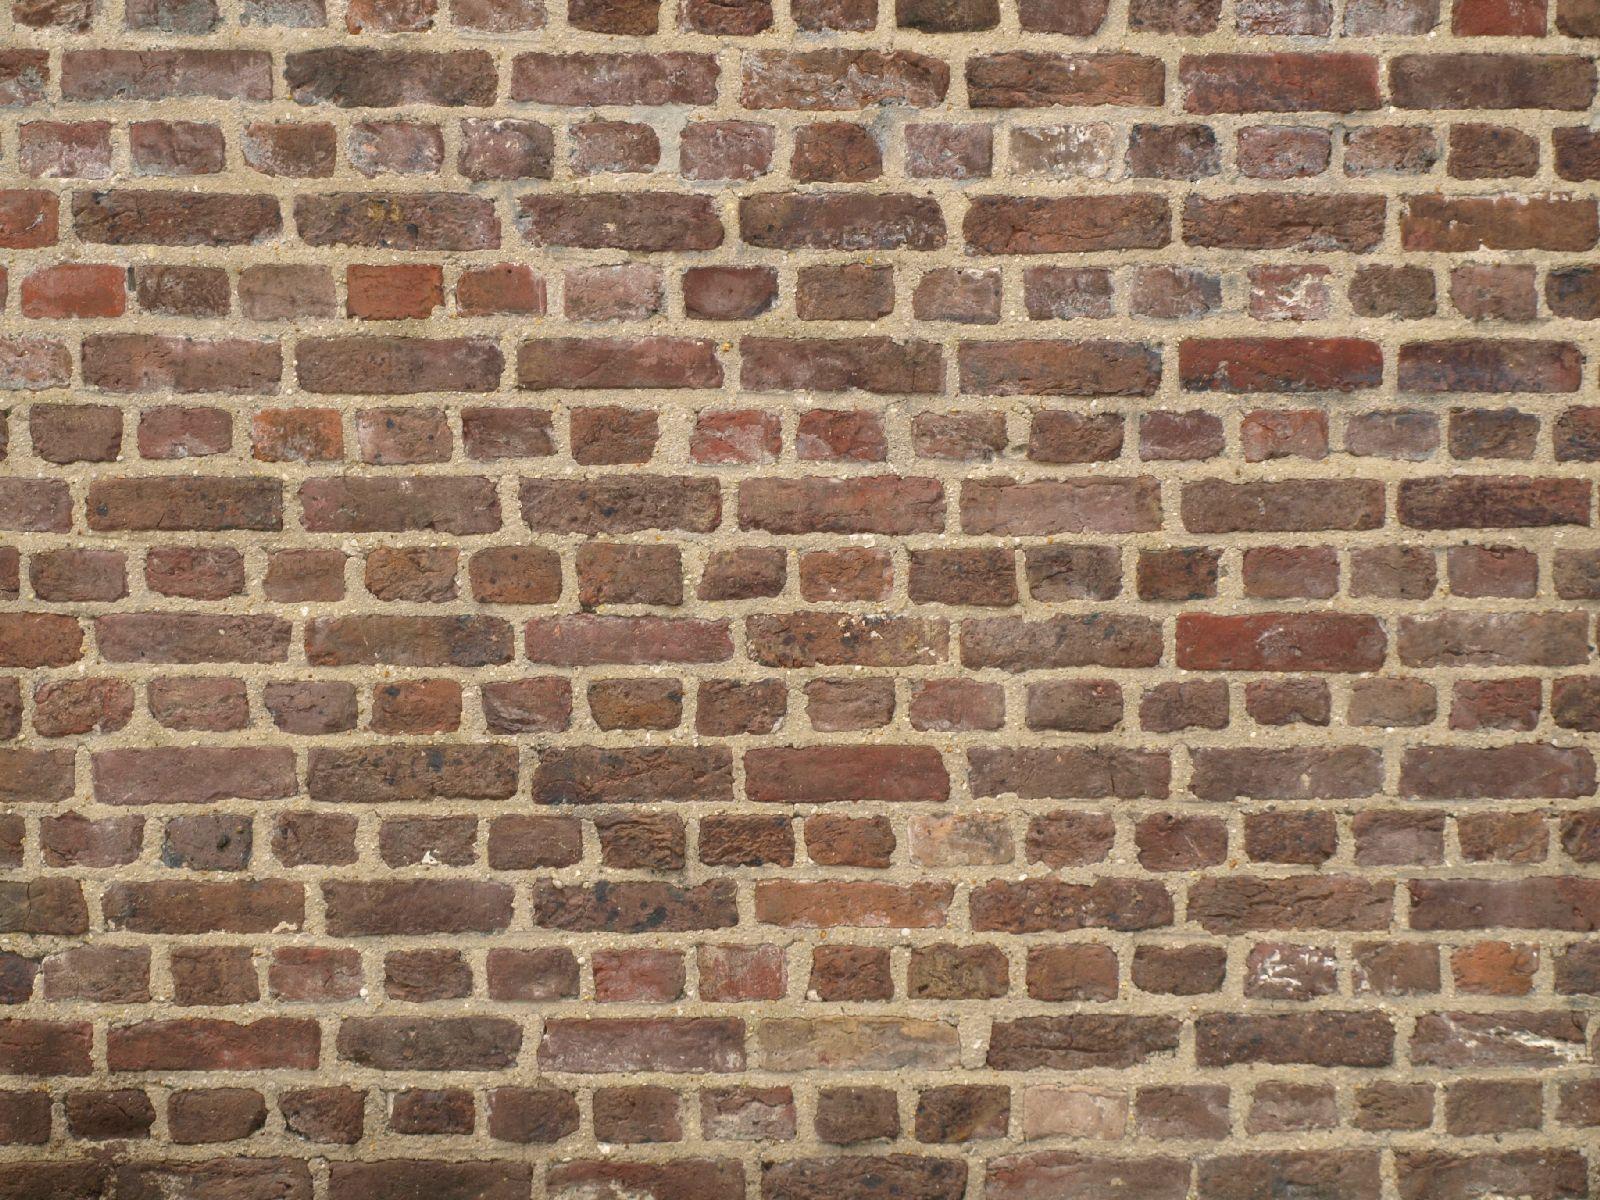 Brick_Texture_A_BT0626